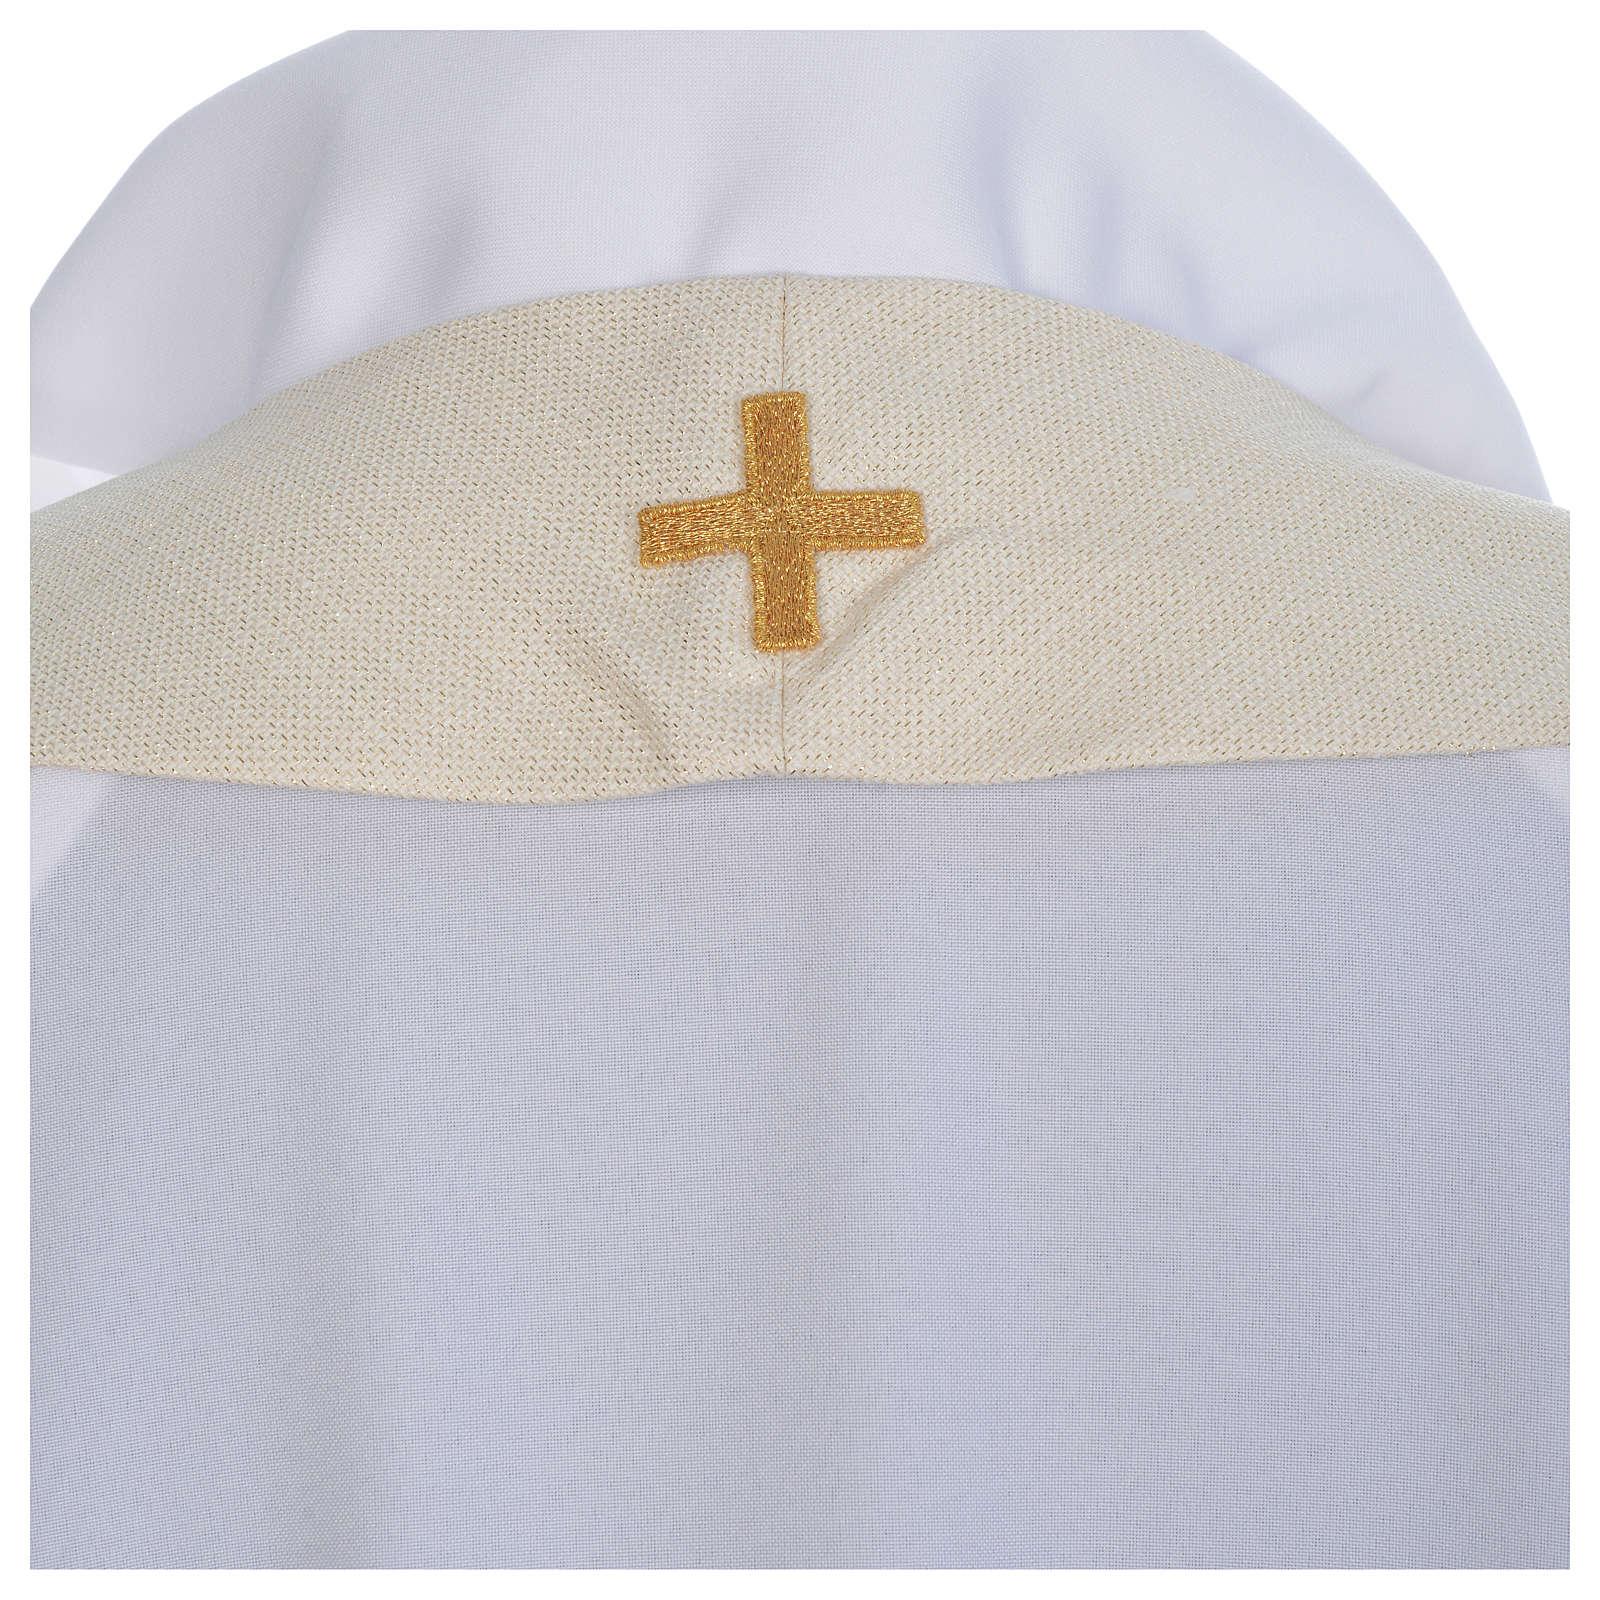 Casula liturgica con decori in oro 4